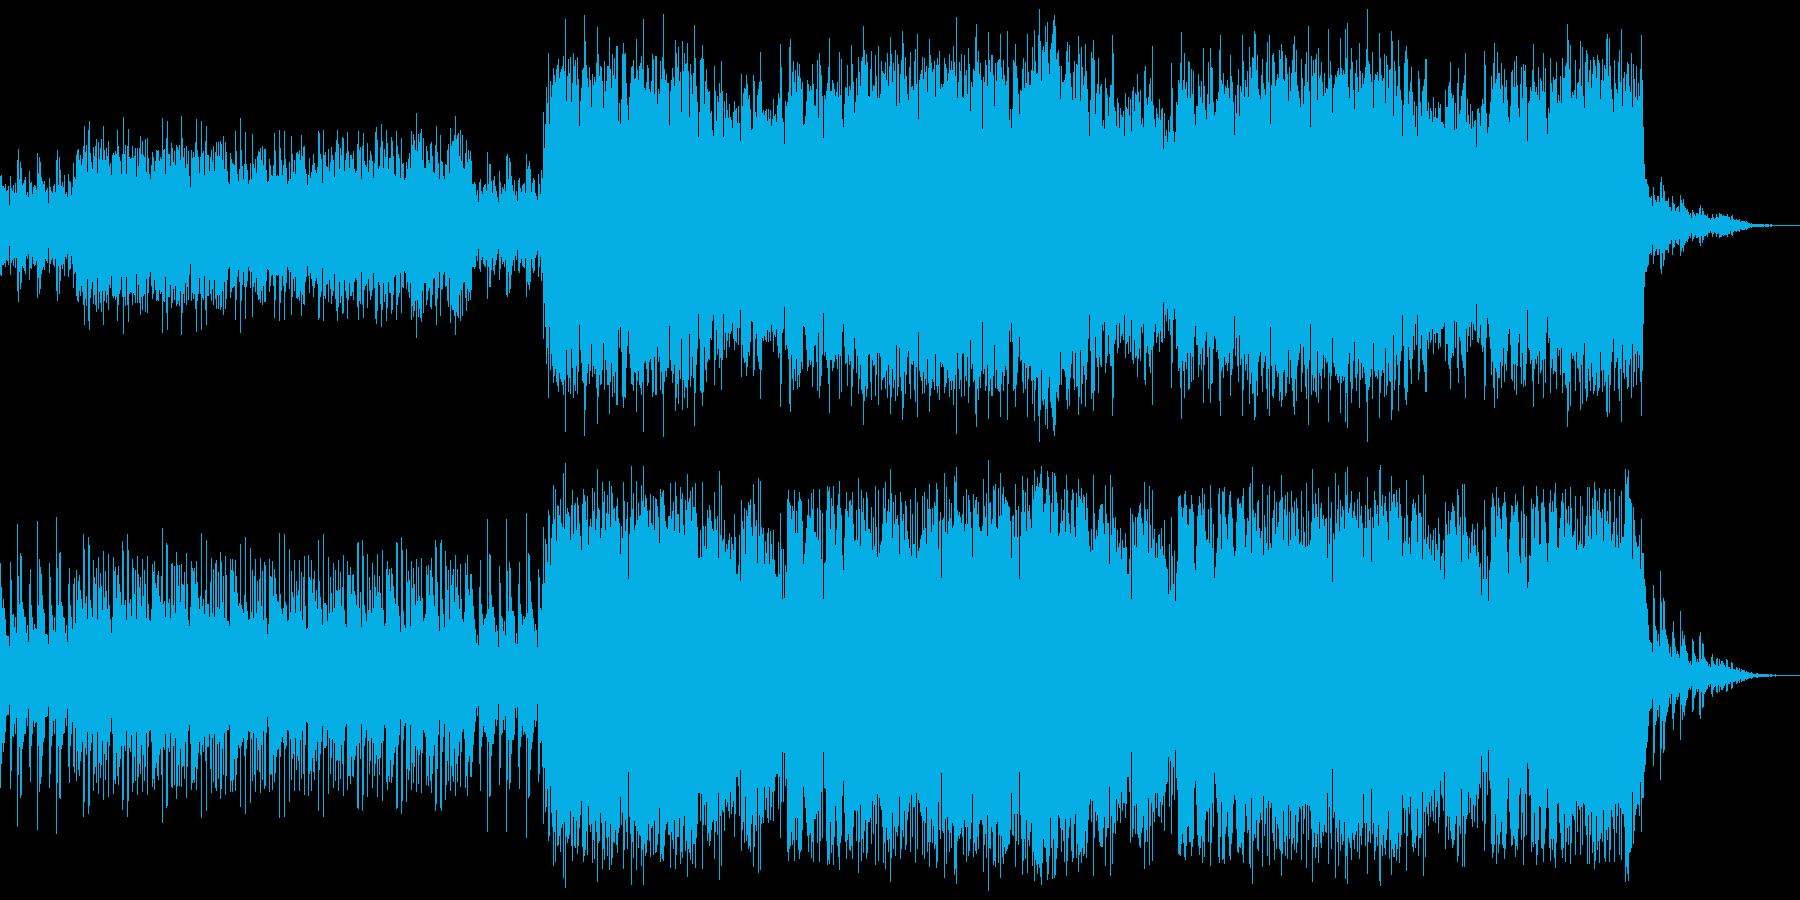 神秘的で不思議な雰囲気のBGMの再生済みの波形